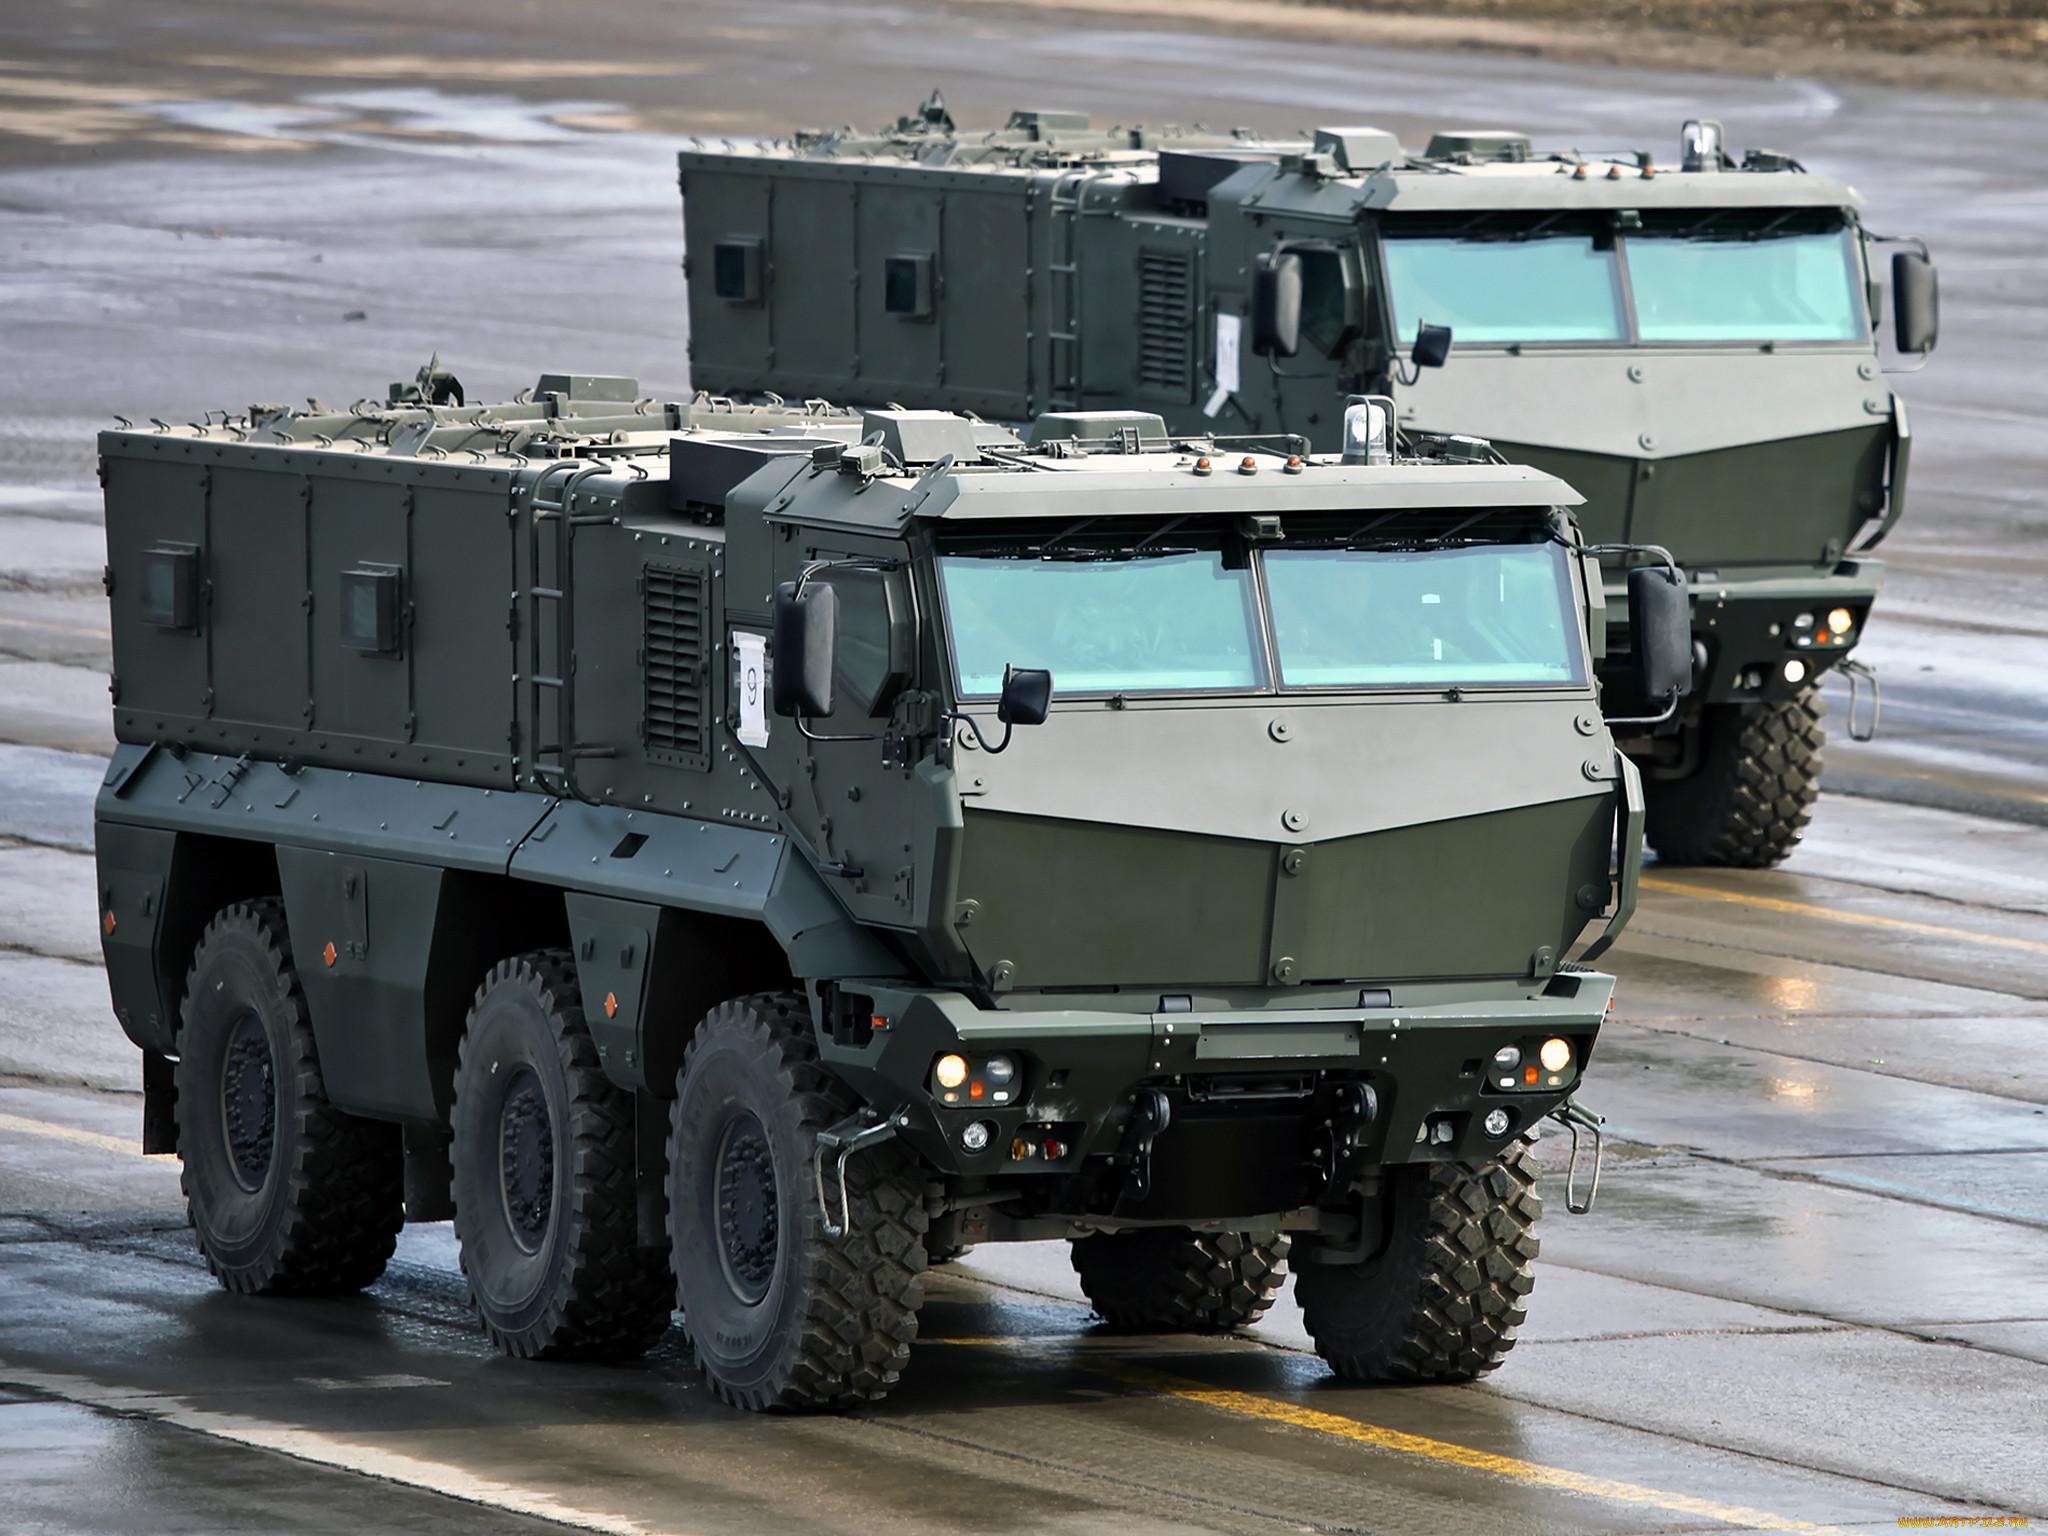 фото военной техники россии в высоком качестве убрать